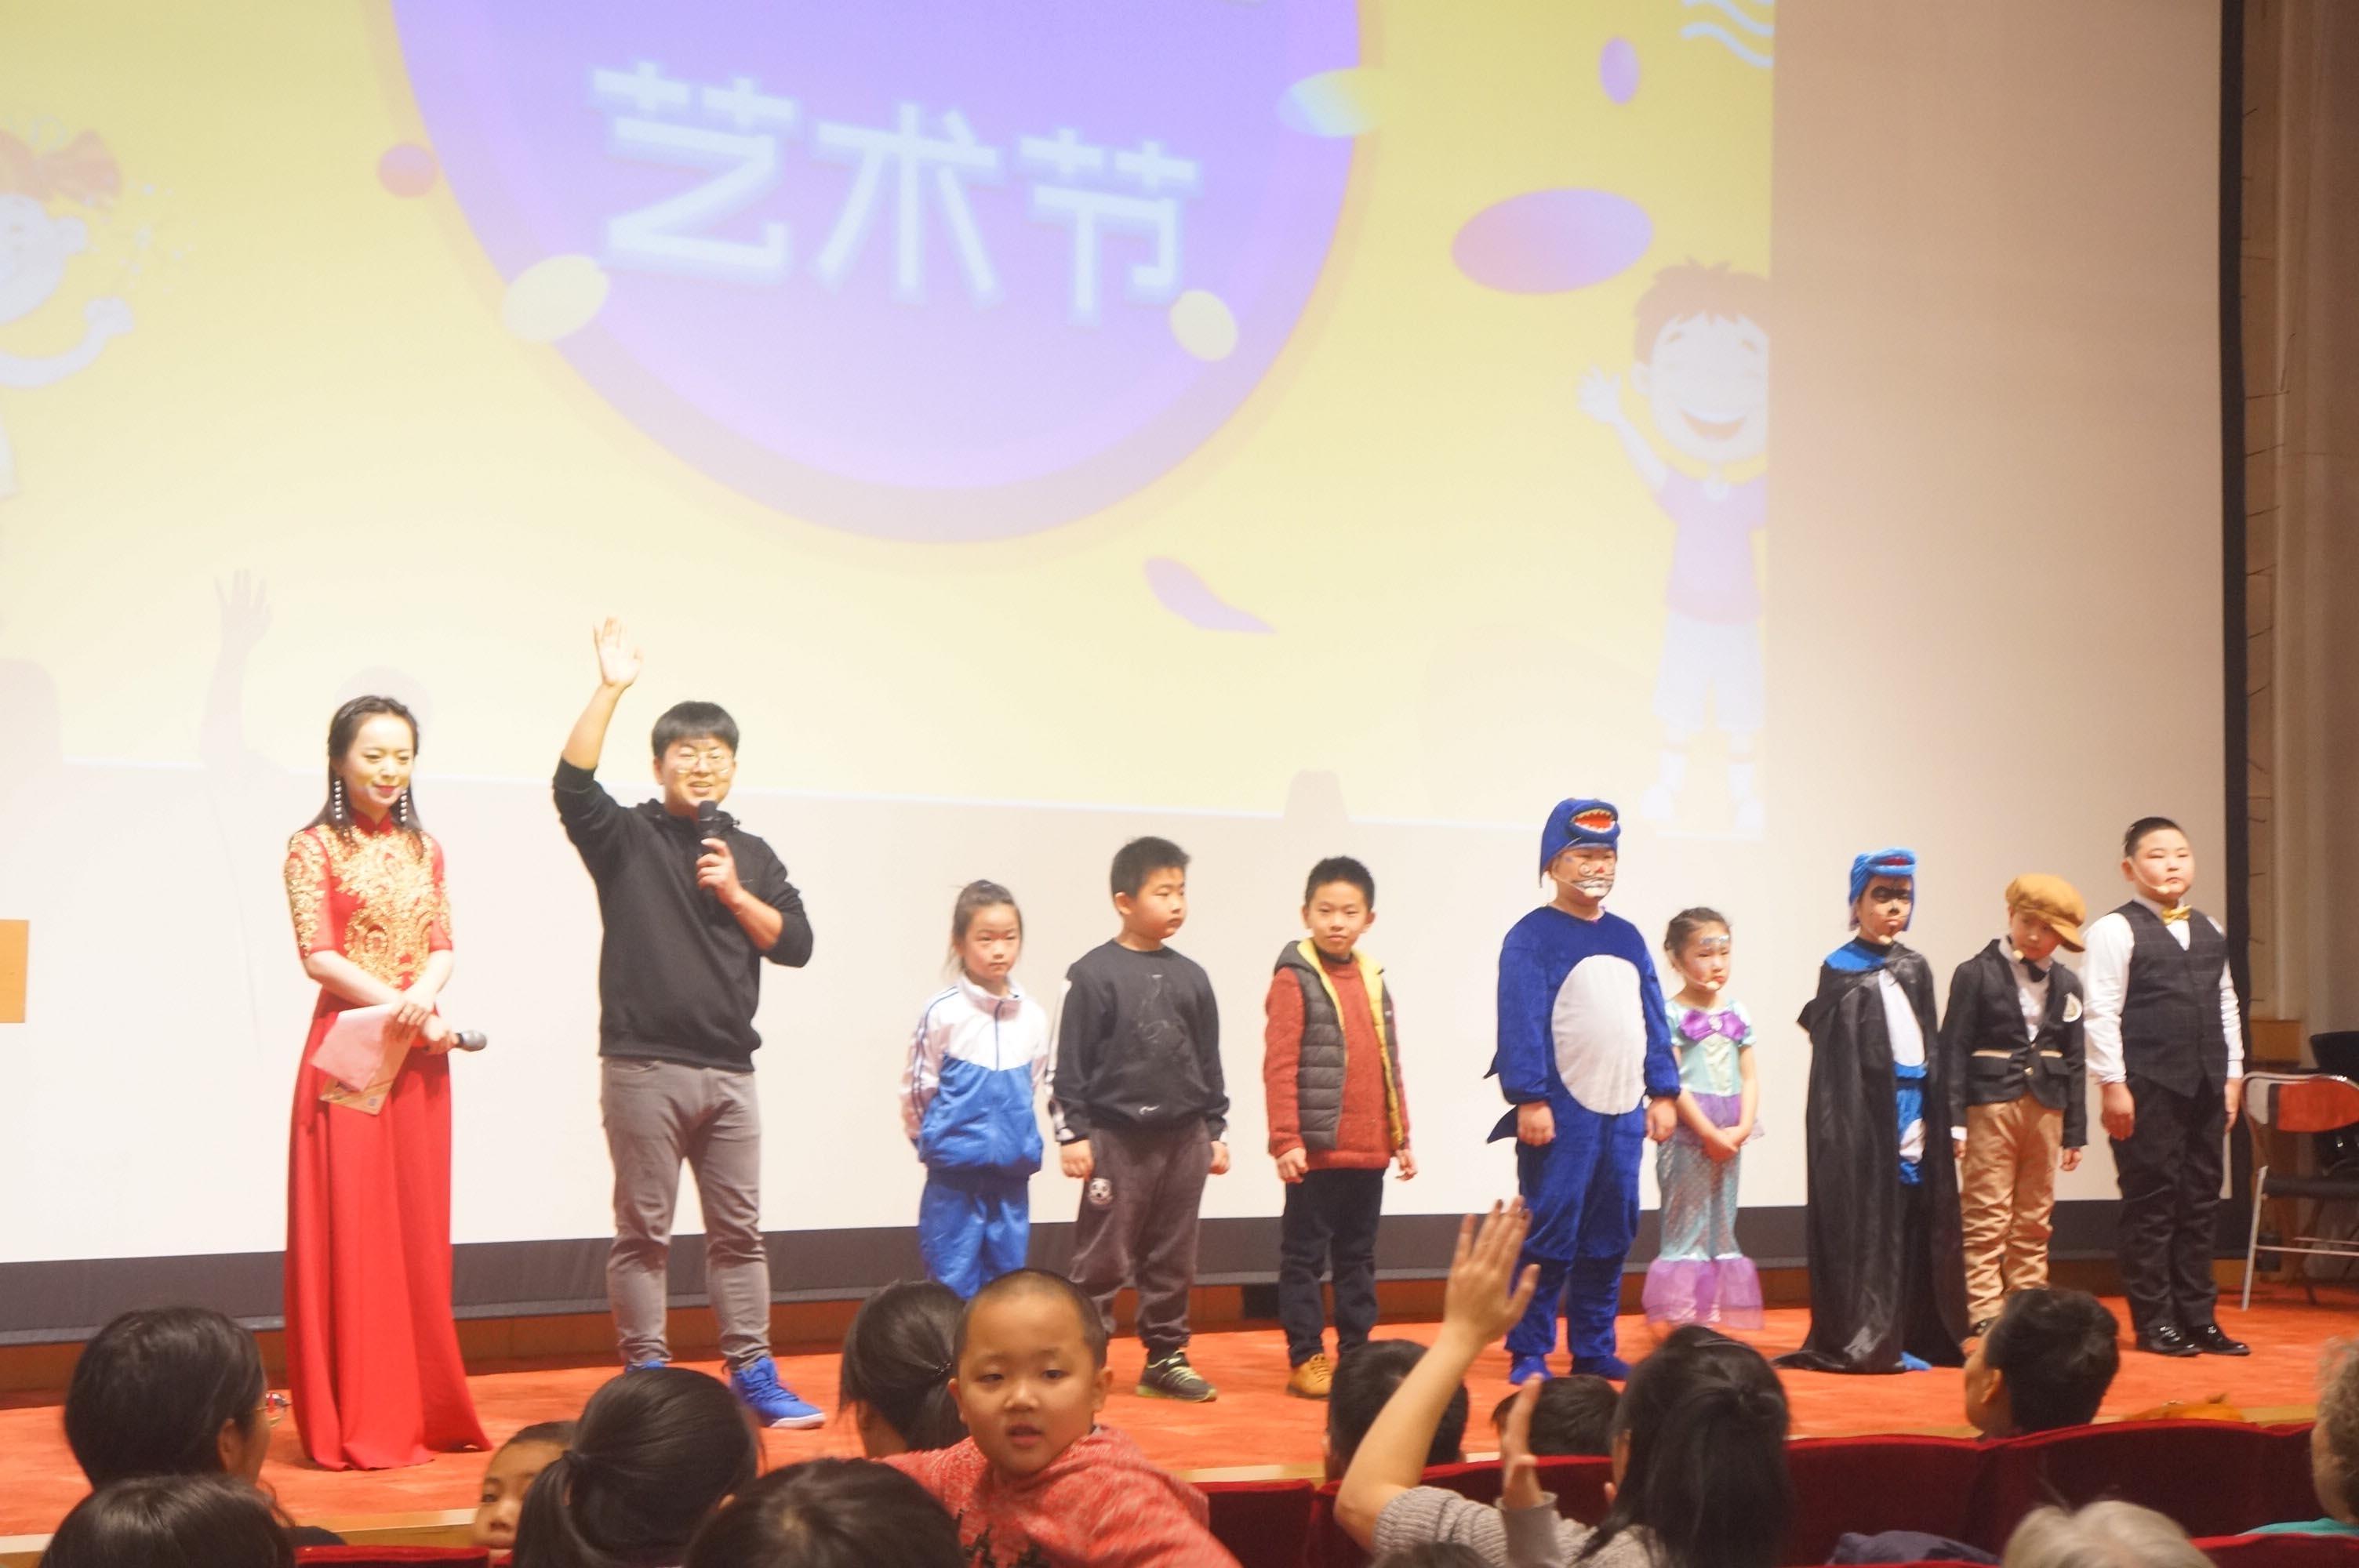 艺冉第二届艺术节